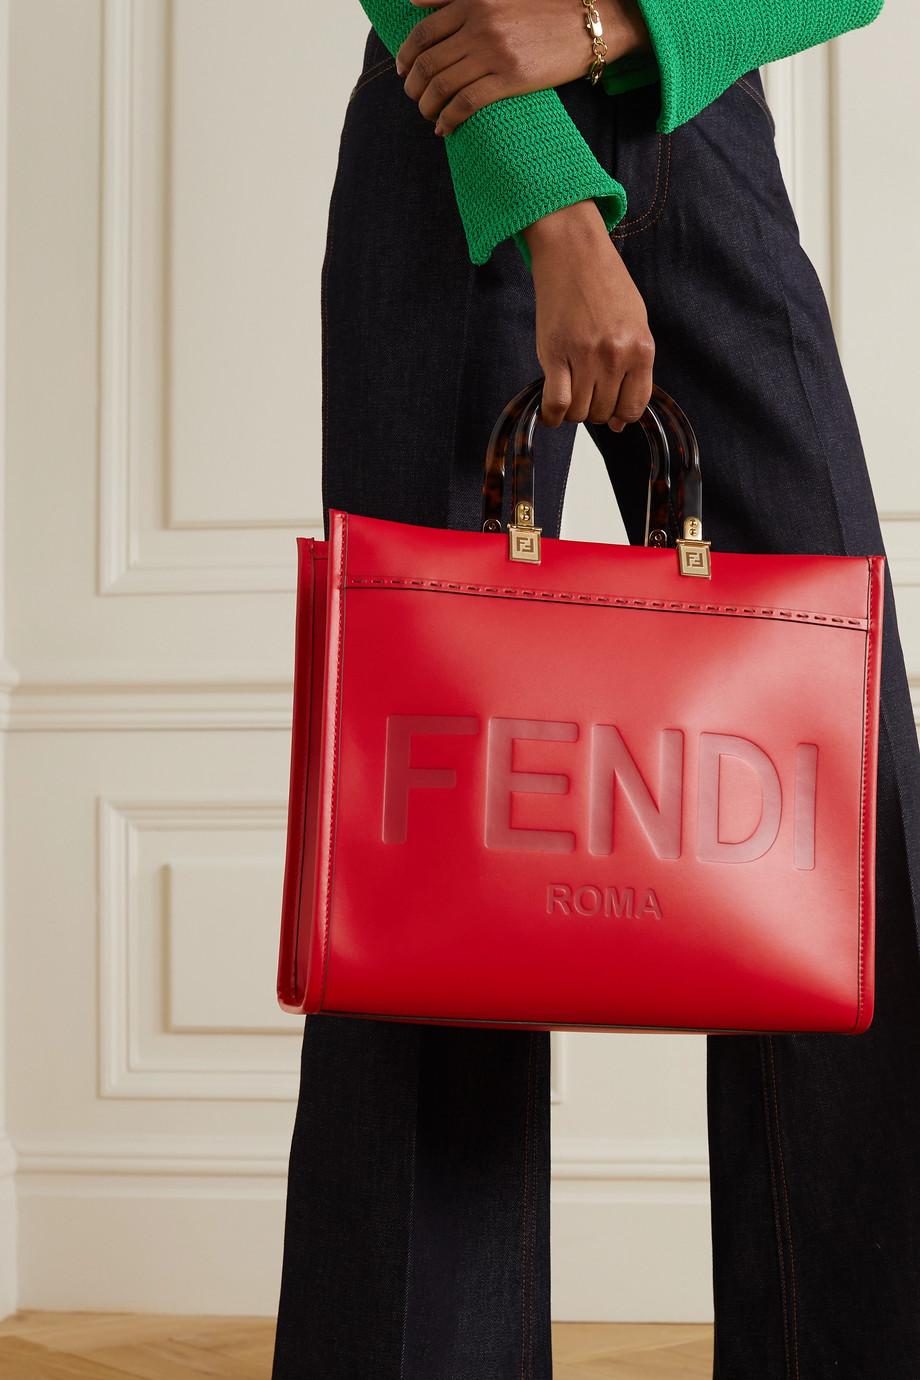 Fendi Sunshine medium debossed leather tote